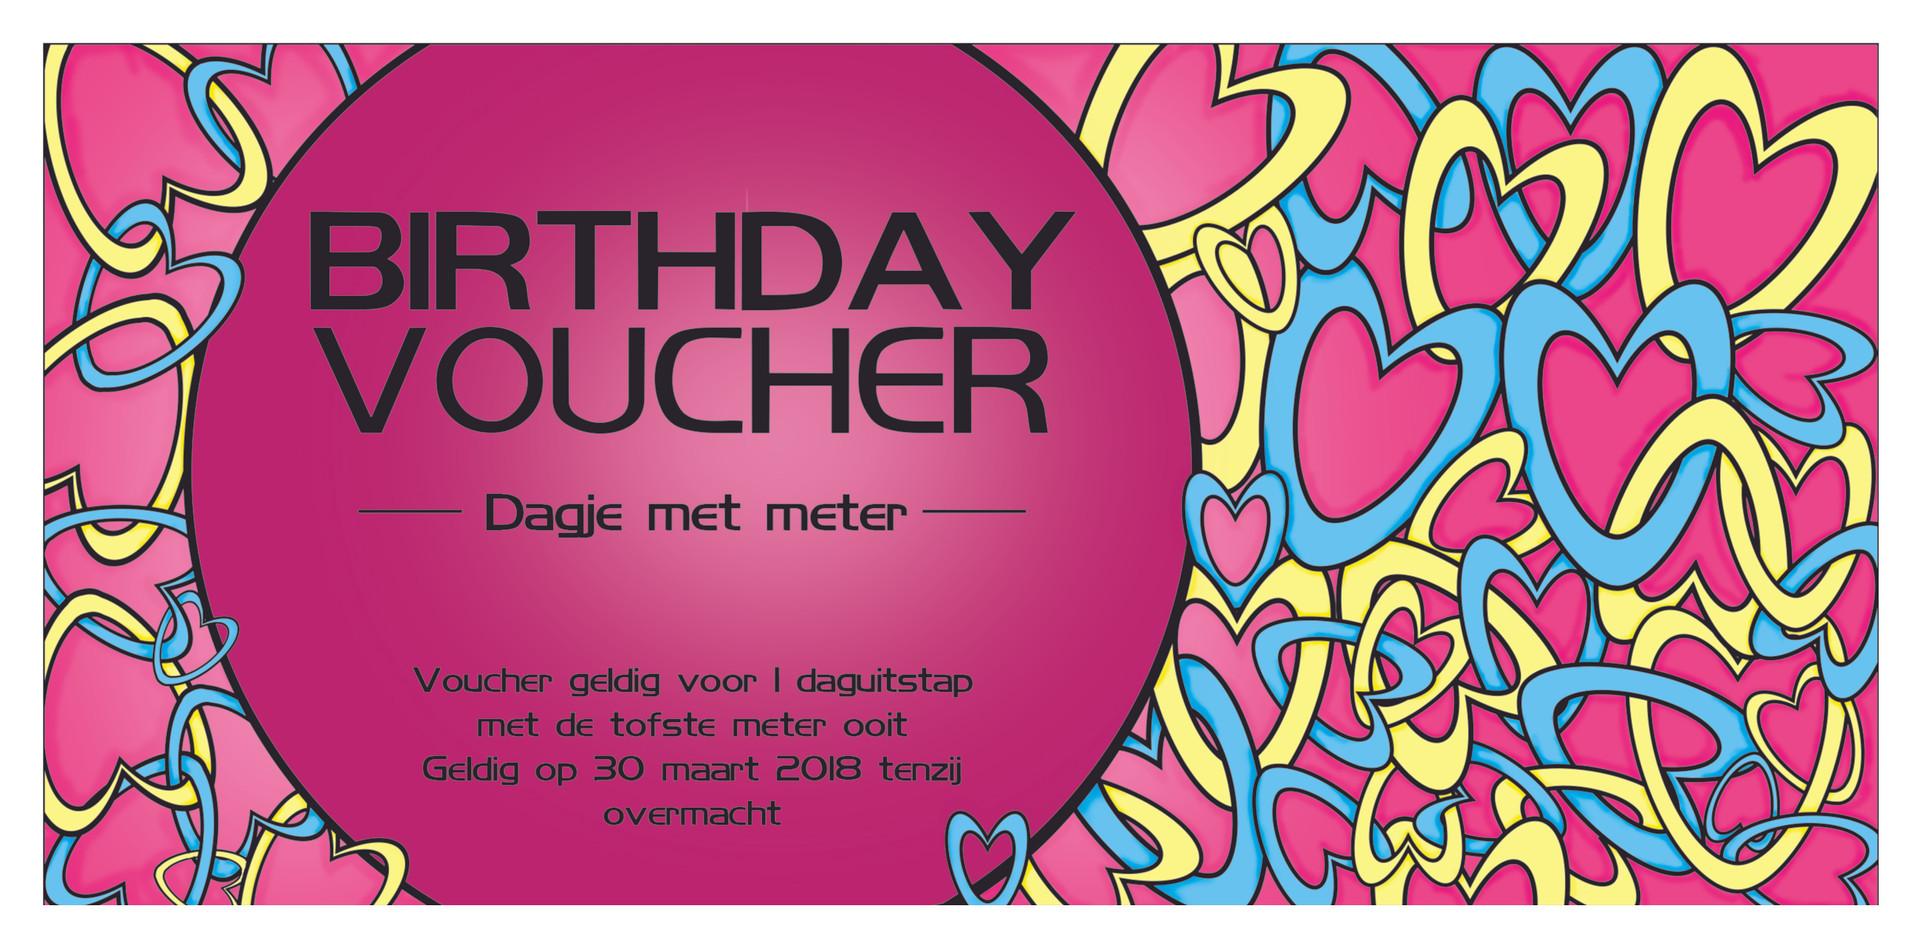 voucher kind-01.jpg